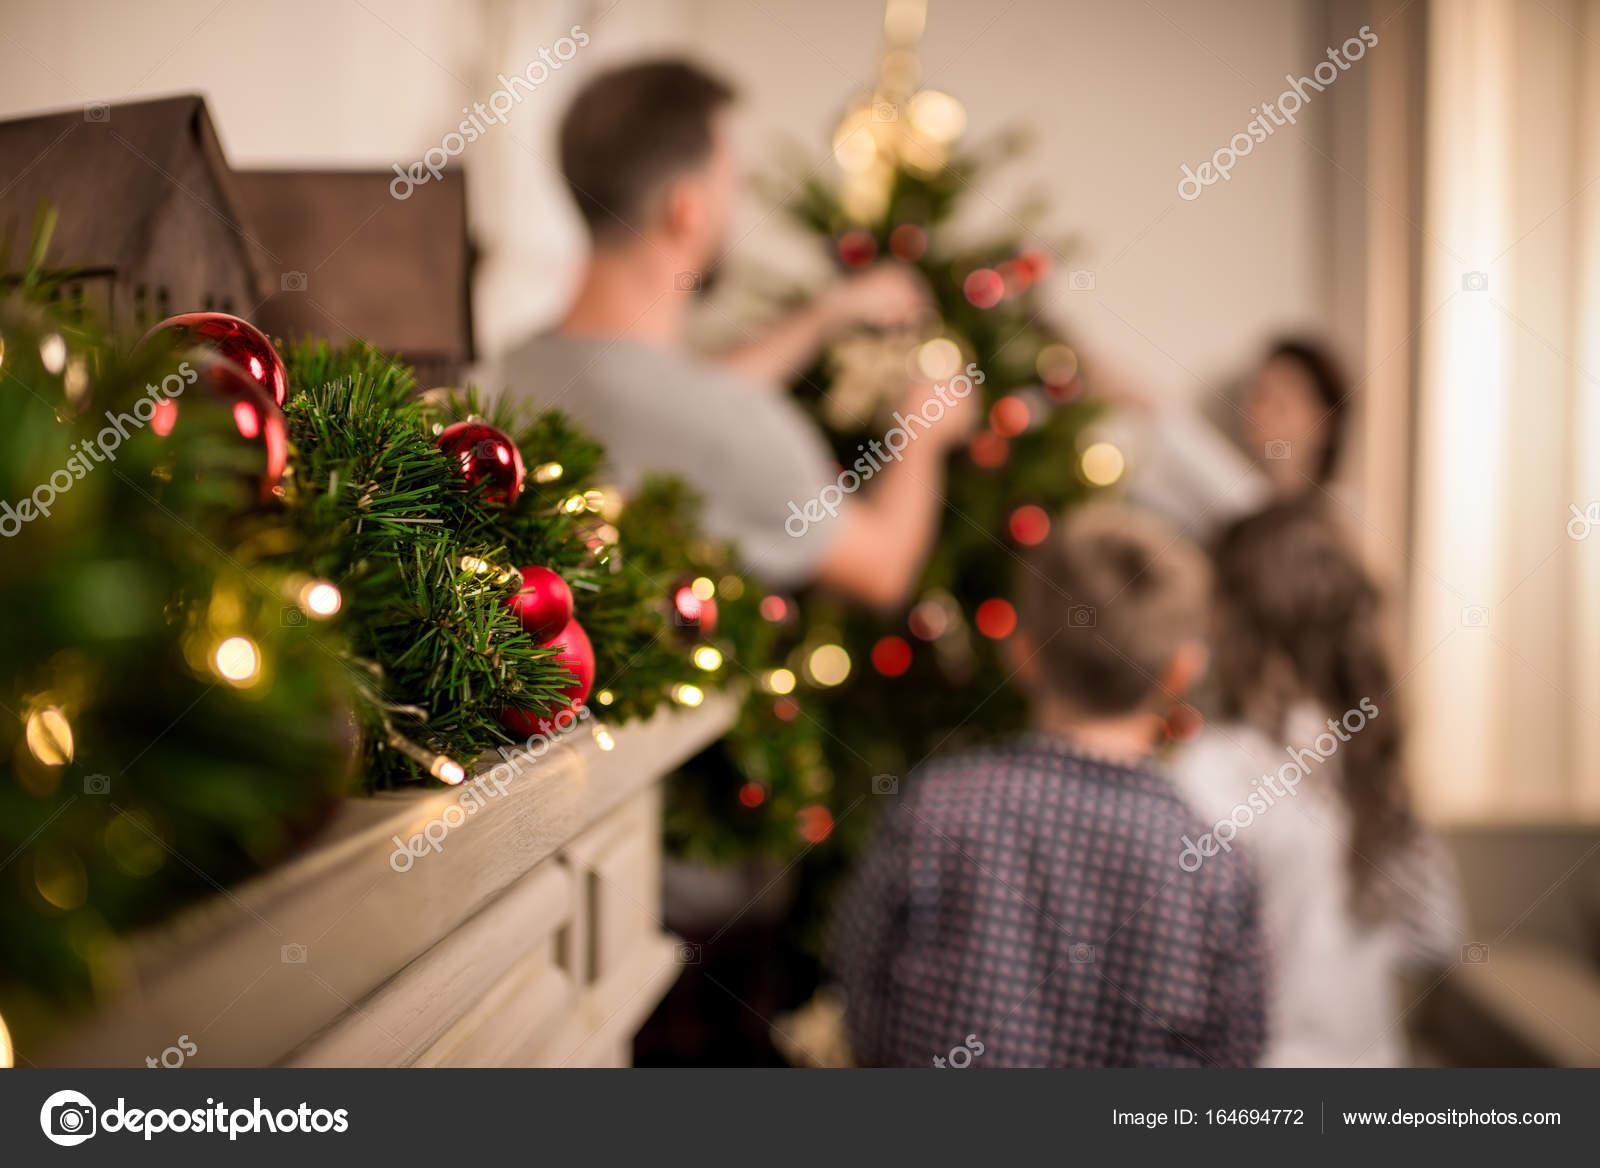 Decorazioni Natalizie Sul Camino.Decorazioni Di Natale Sul Camino Foto Stock